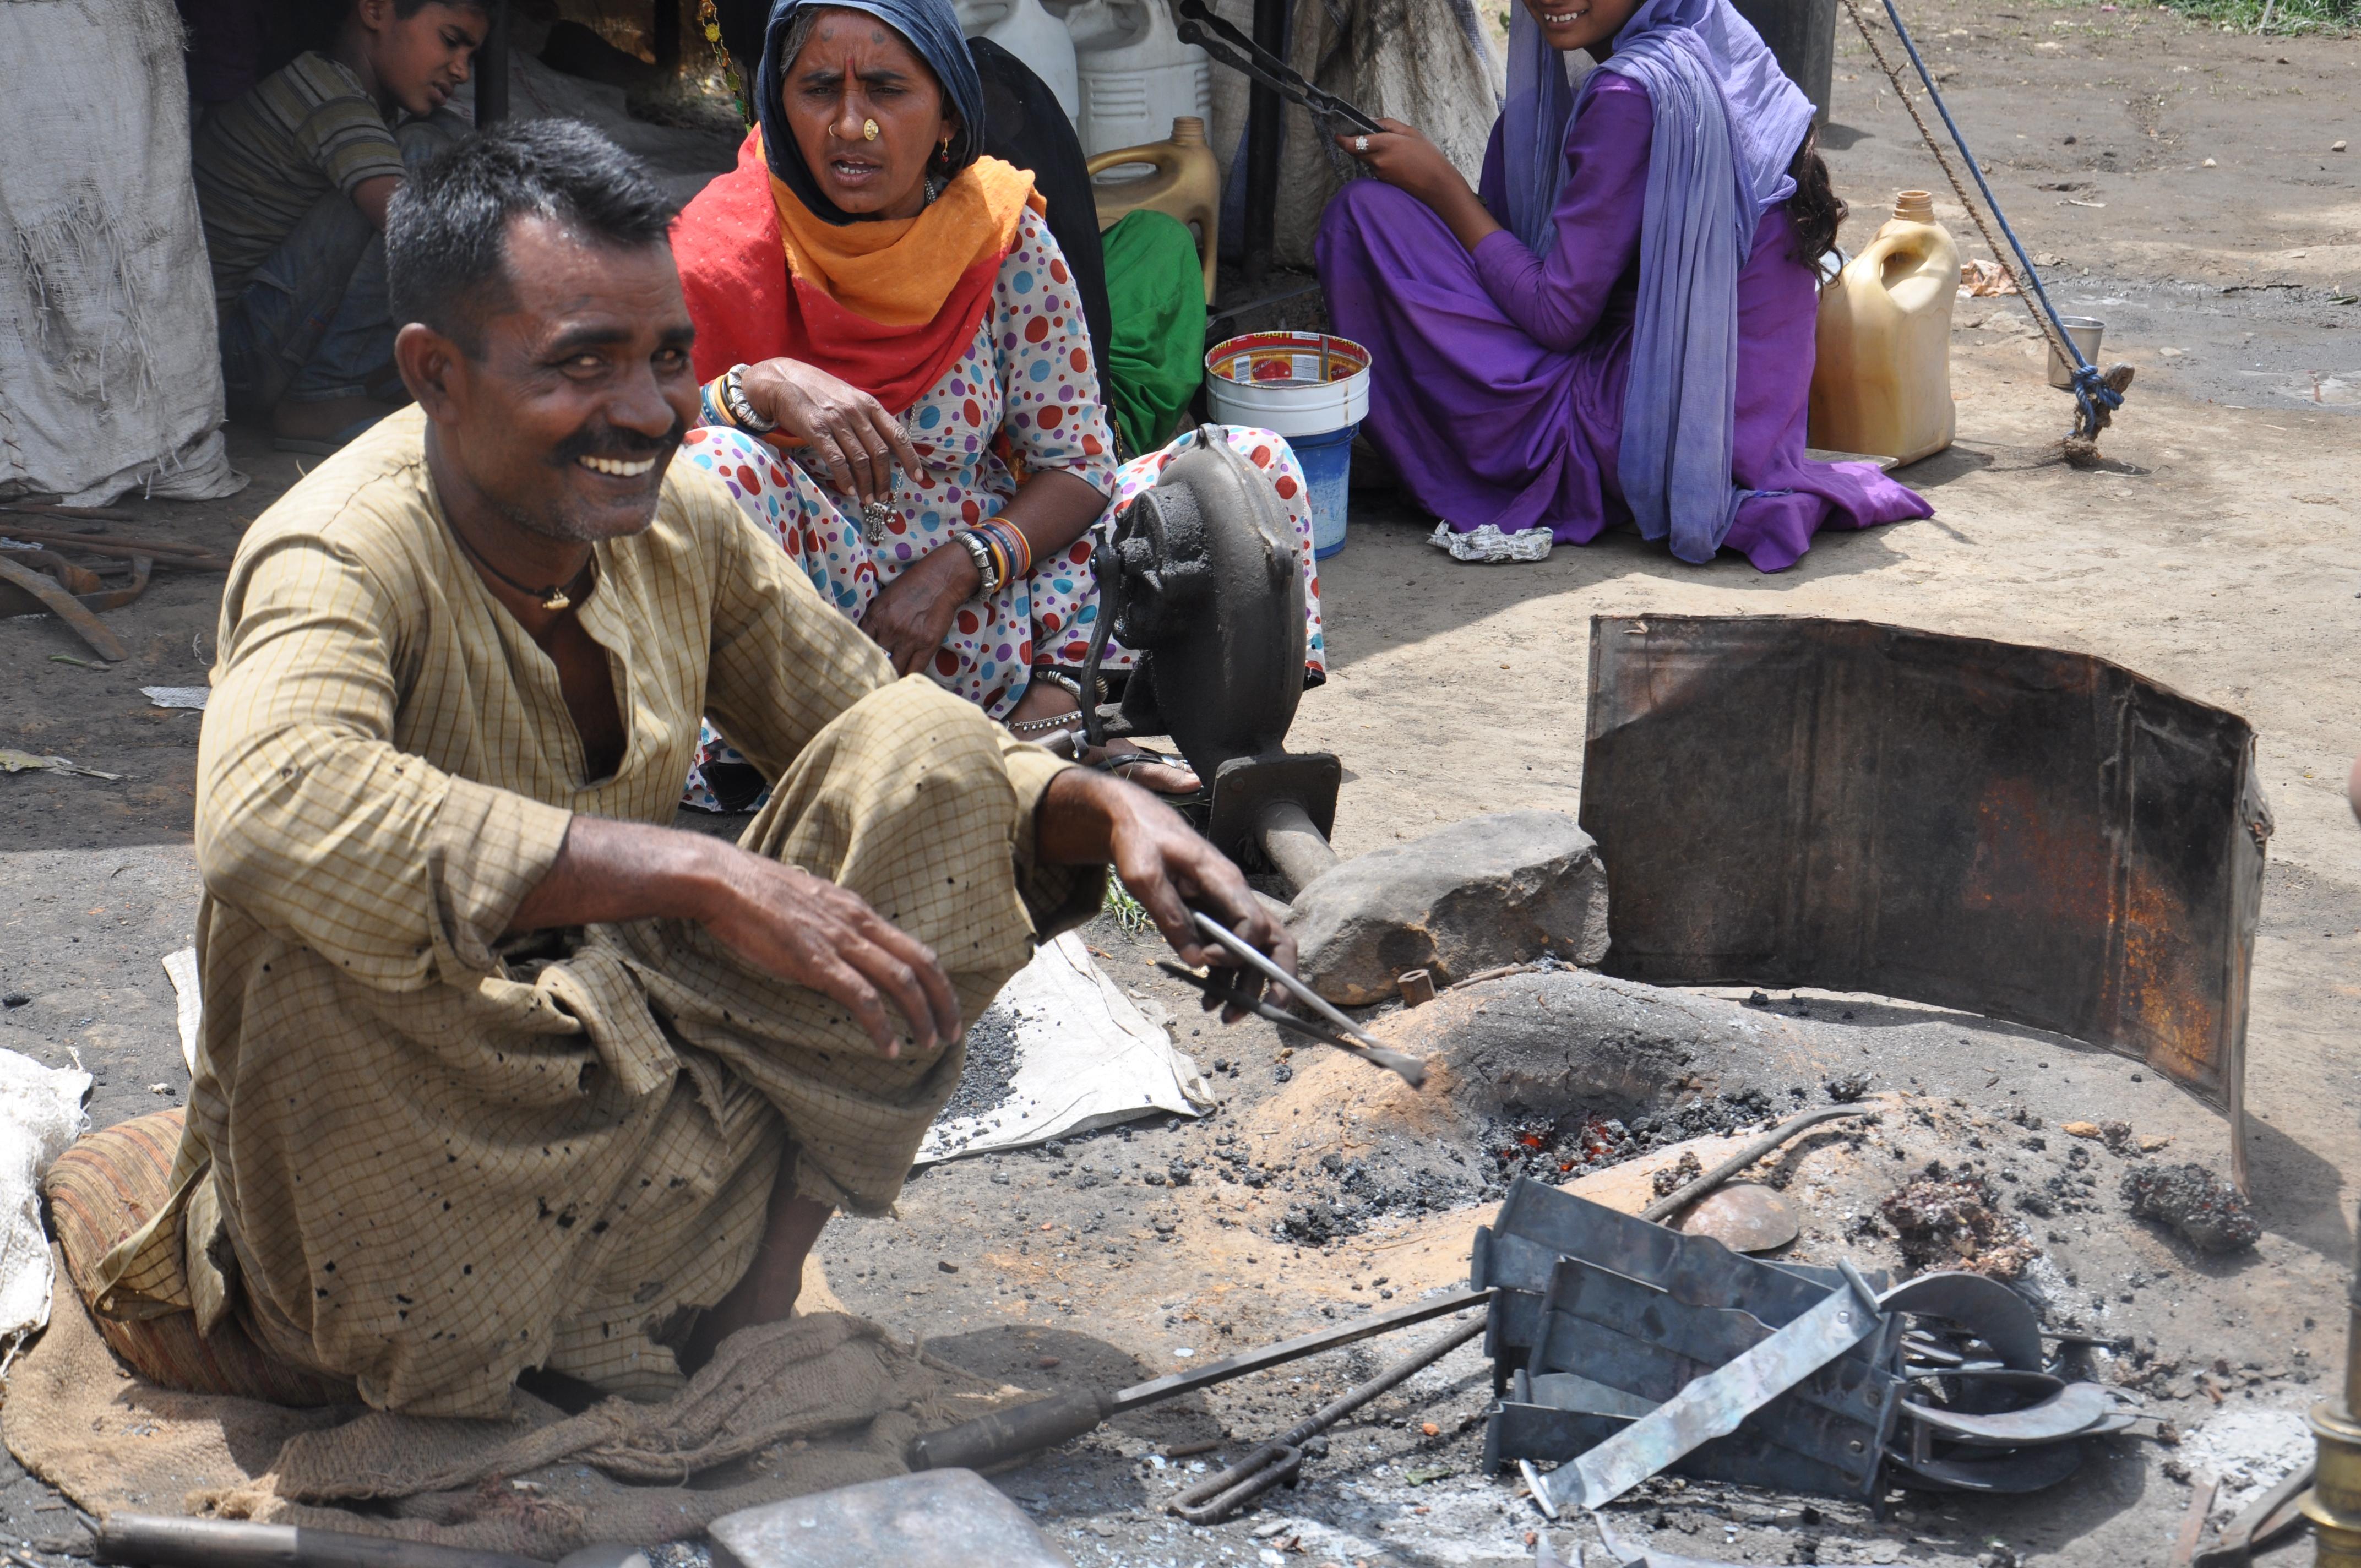 बलवीर उम्र 48 साल हिमाचल प्रदेश में काँगड़ा जिला के भनोई गावं में लोहे का कार्य करते हुए